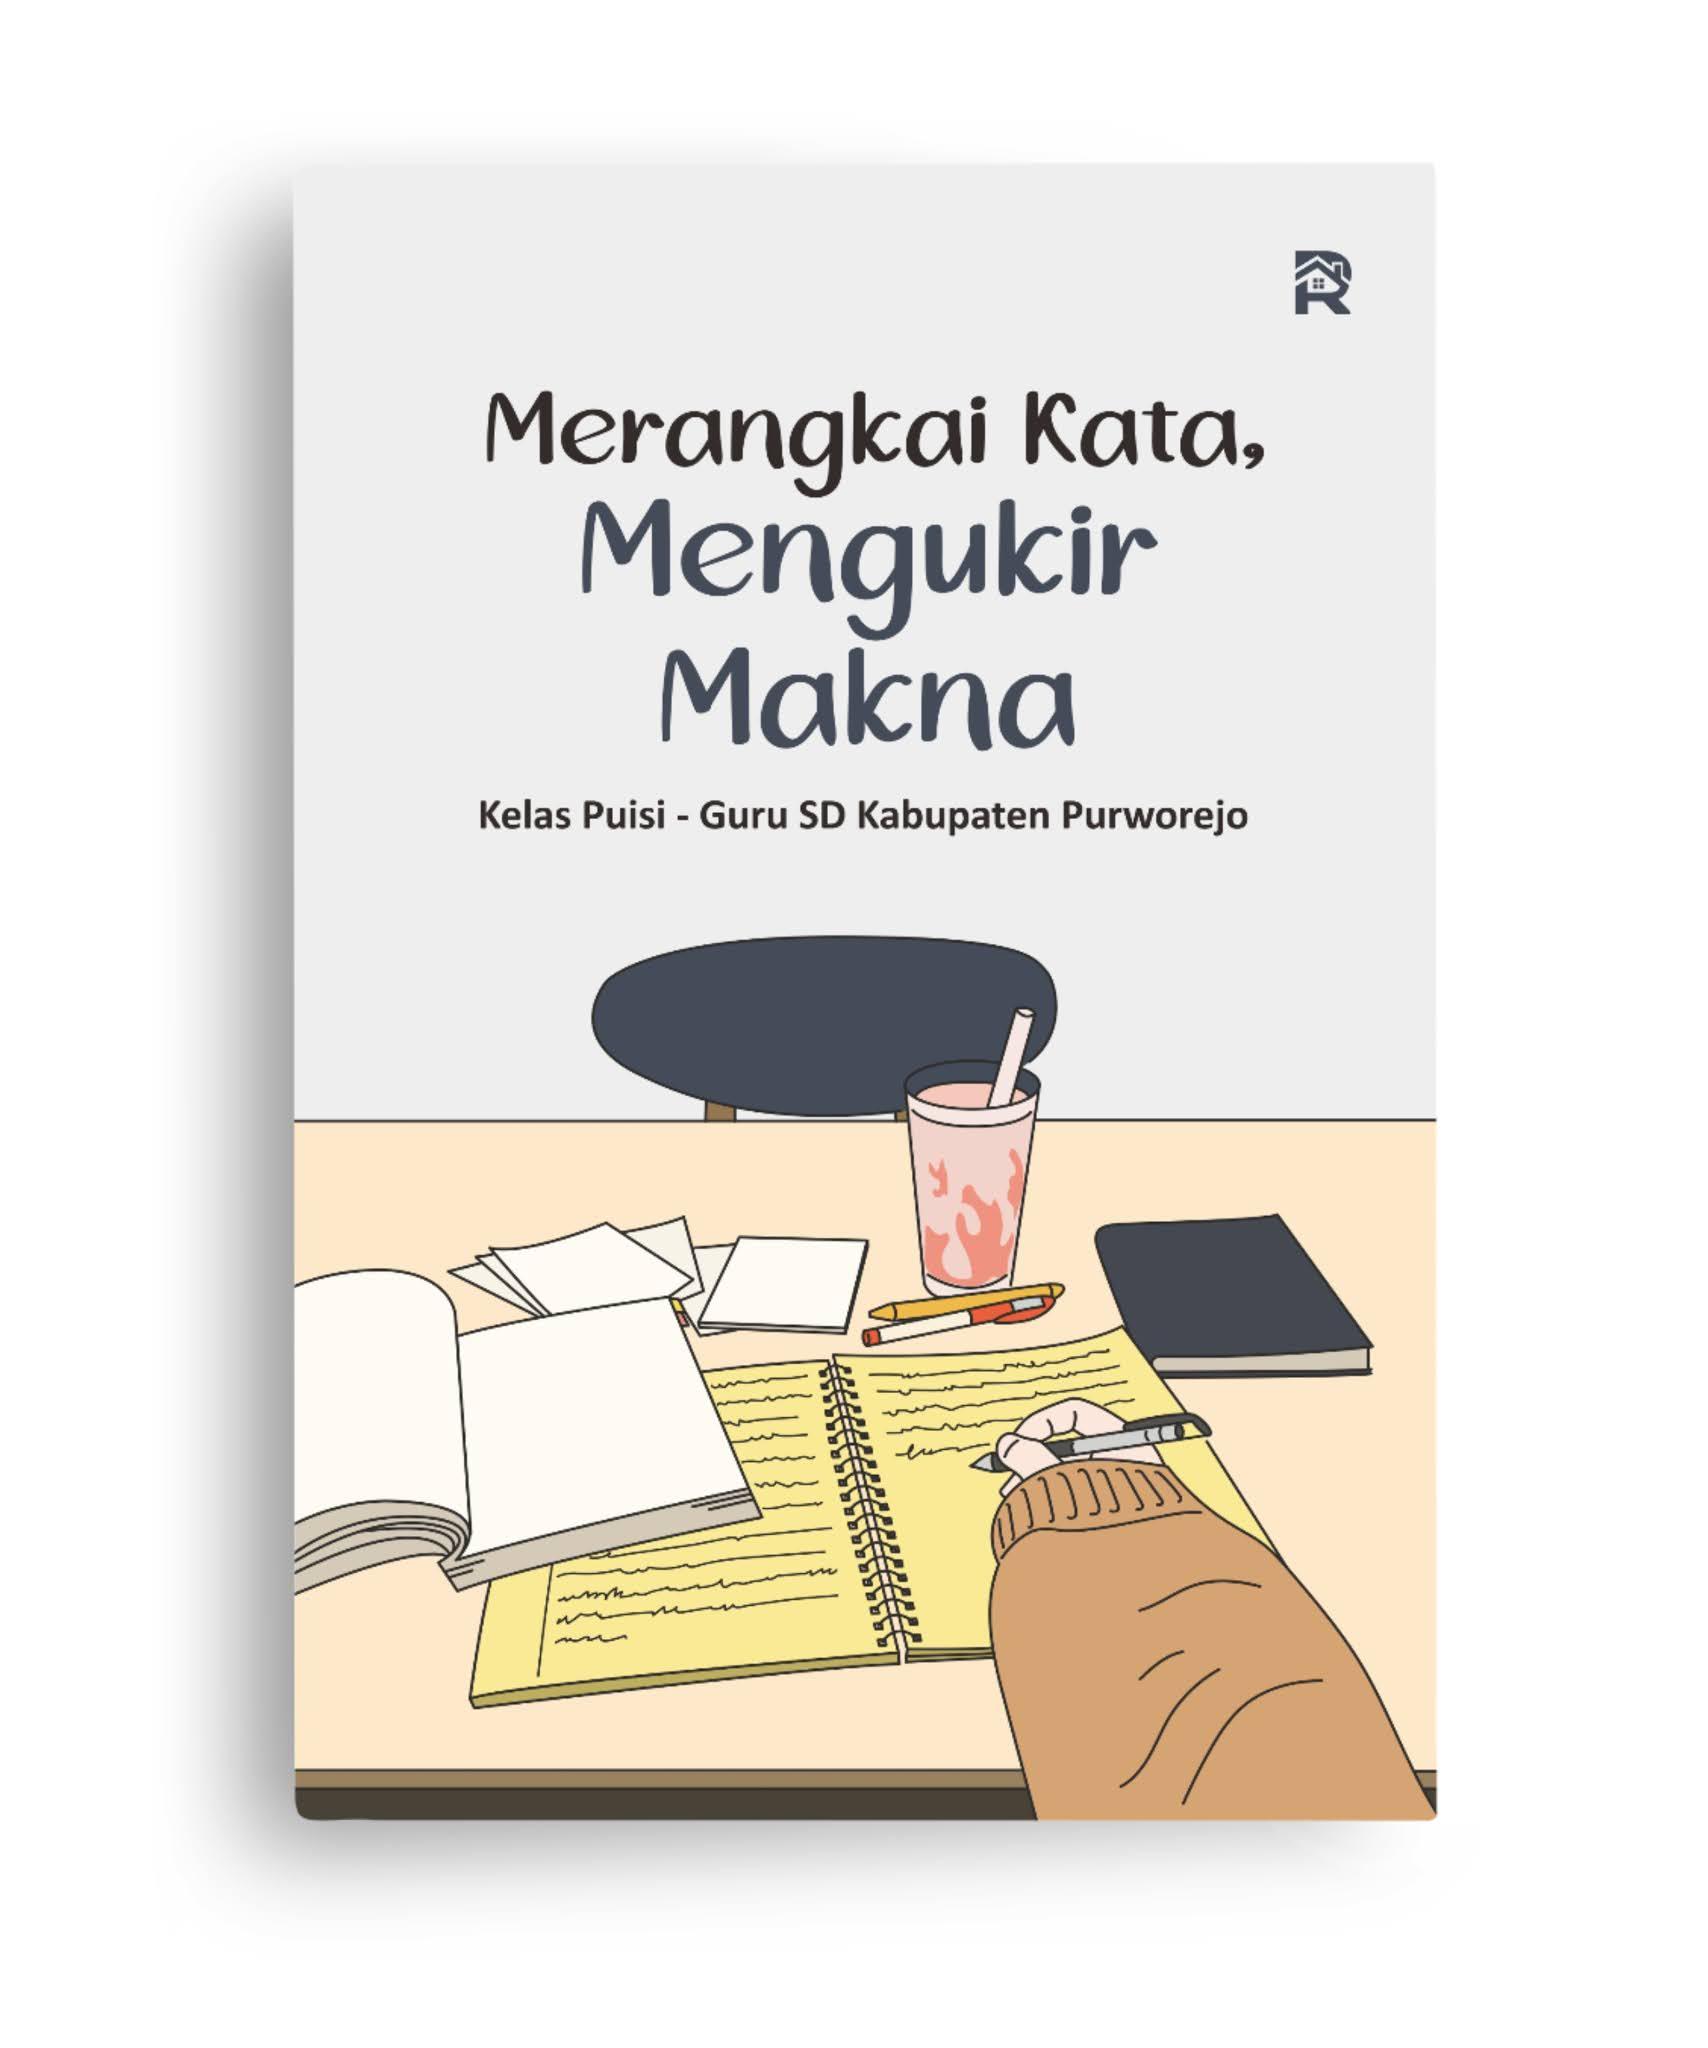 Merangkai Kata, Mengukir Makna (Kelas Puisi - Guru SD Kabupaten Purworejo)